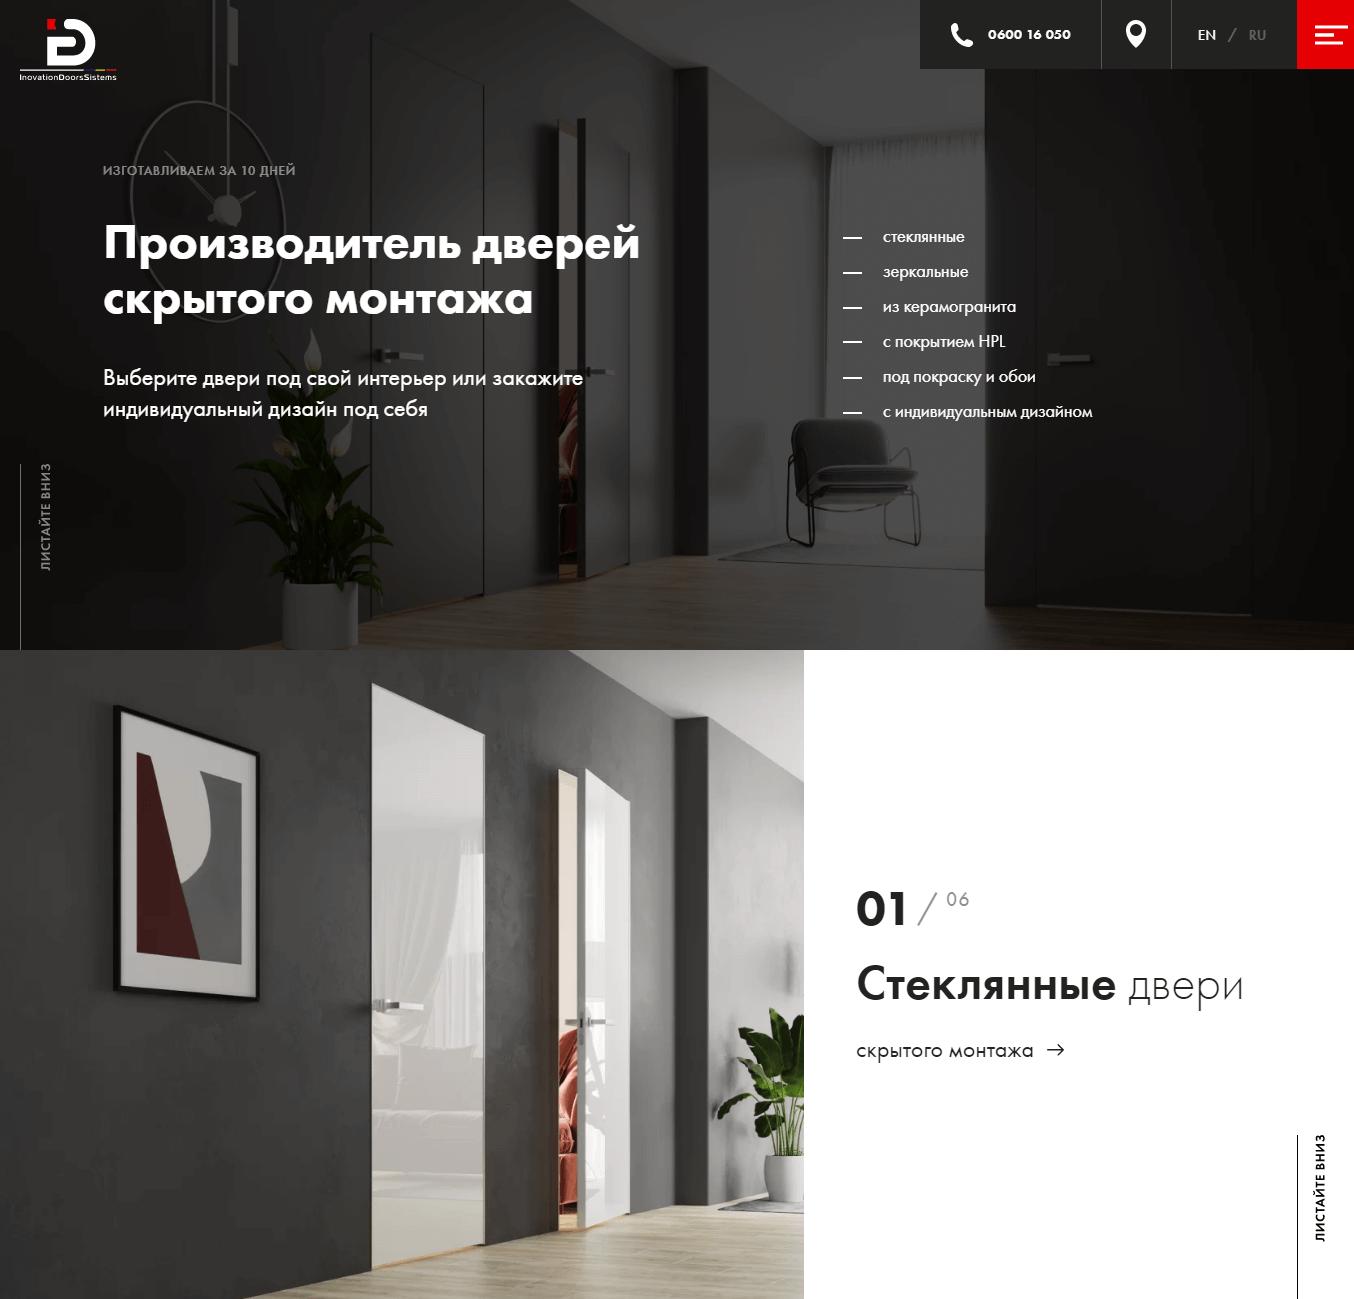 создание сайта и запуск рекламы в интернете компании probar